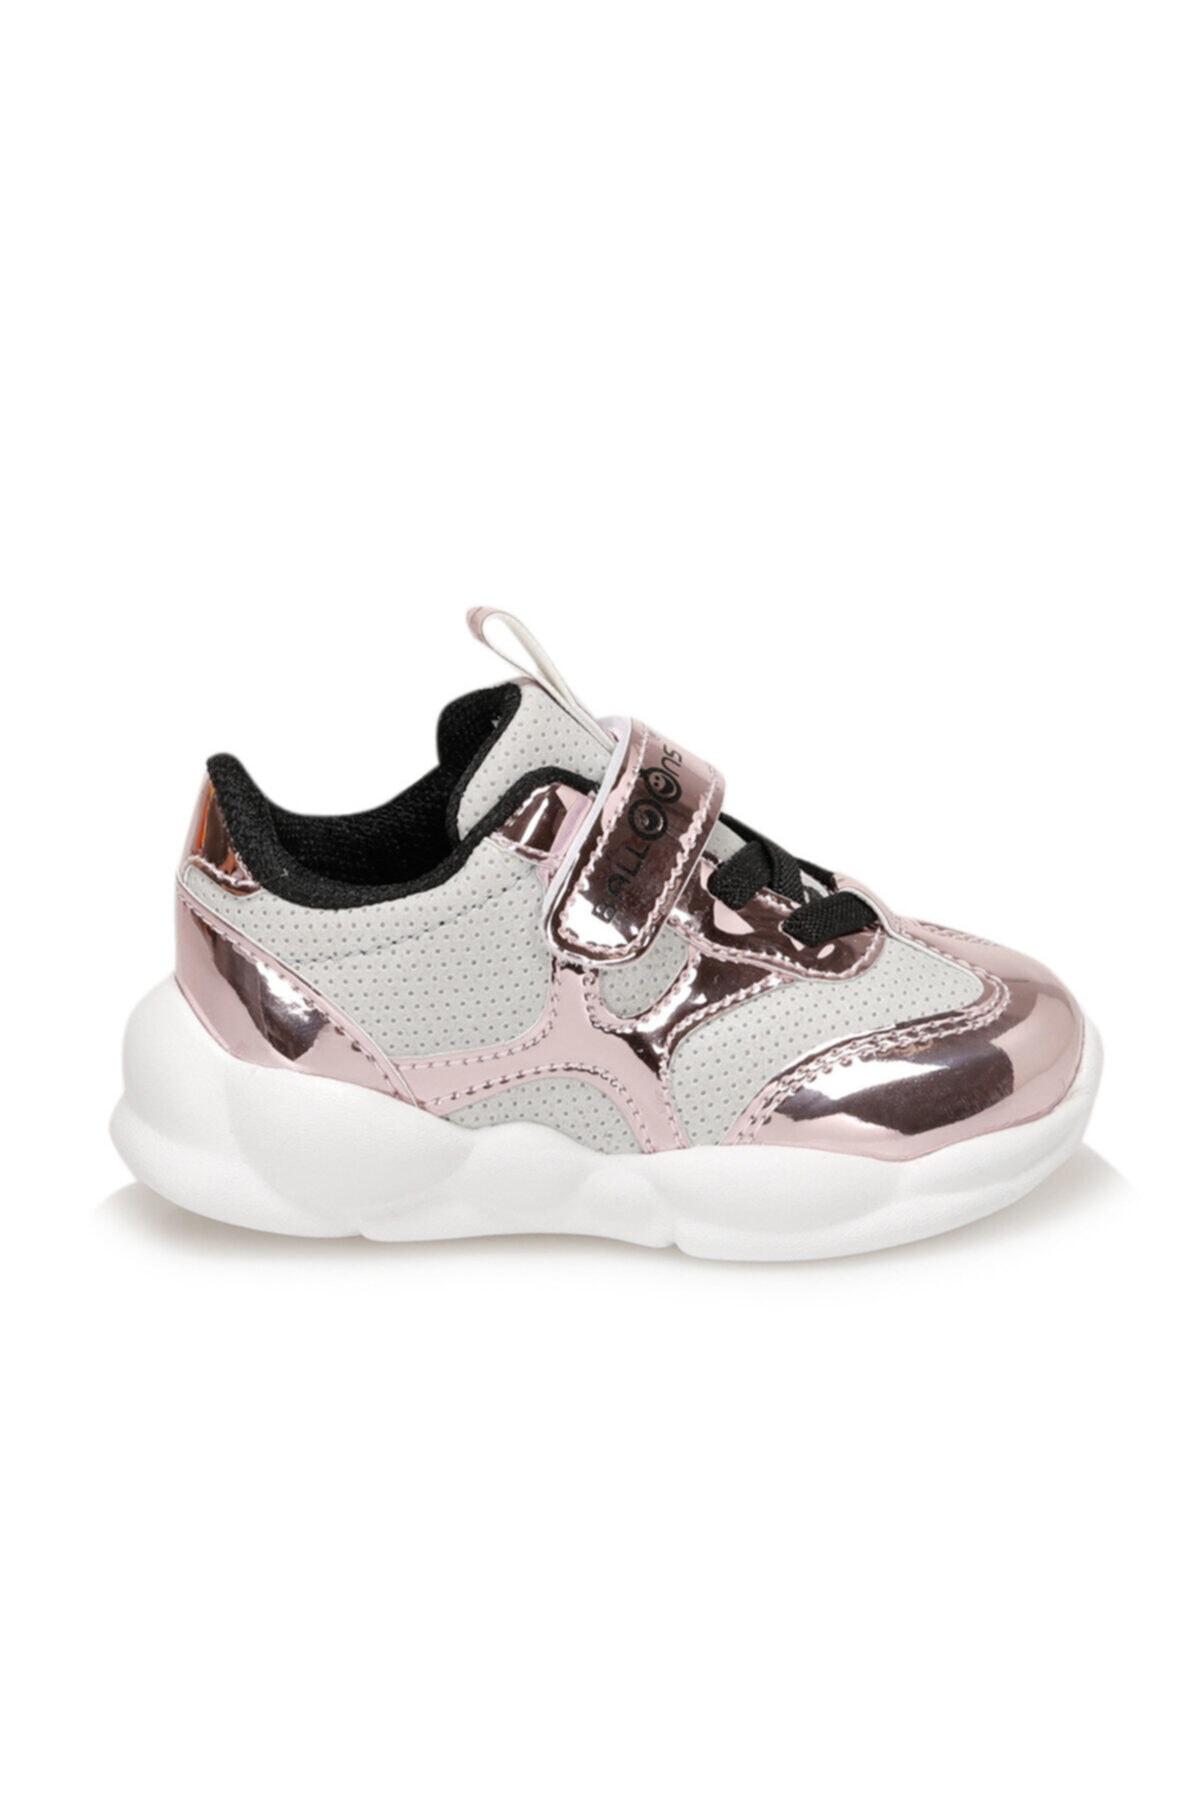 BALLOON-S NUNEZ Pembe Kız Çocuk Fashion Sneaker 100570590 2